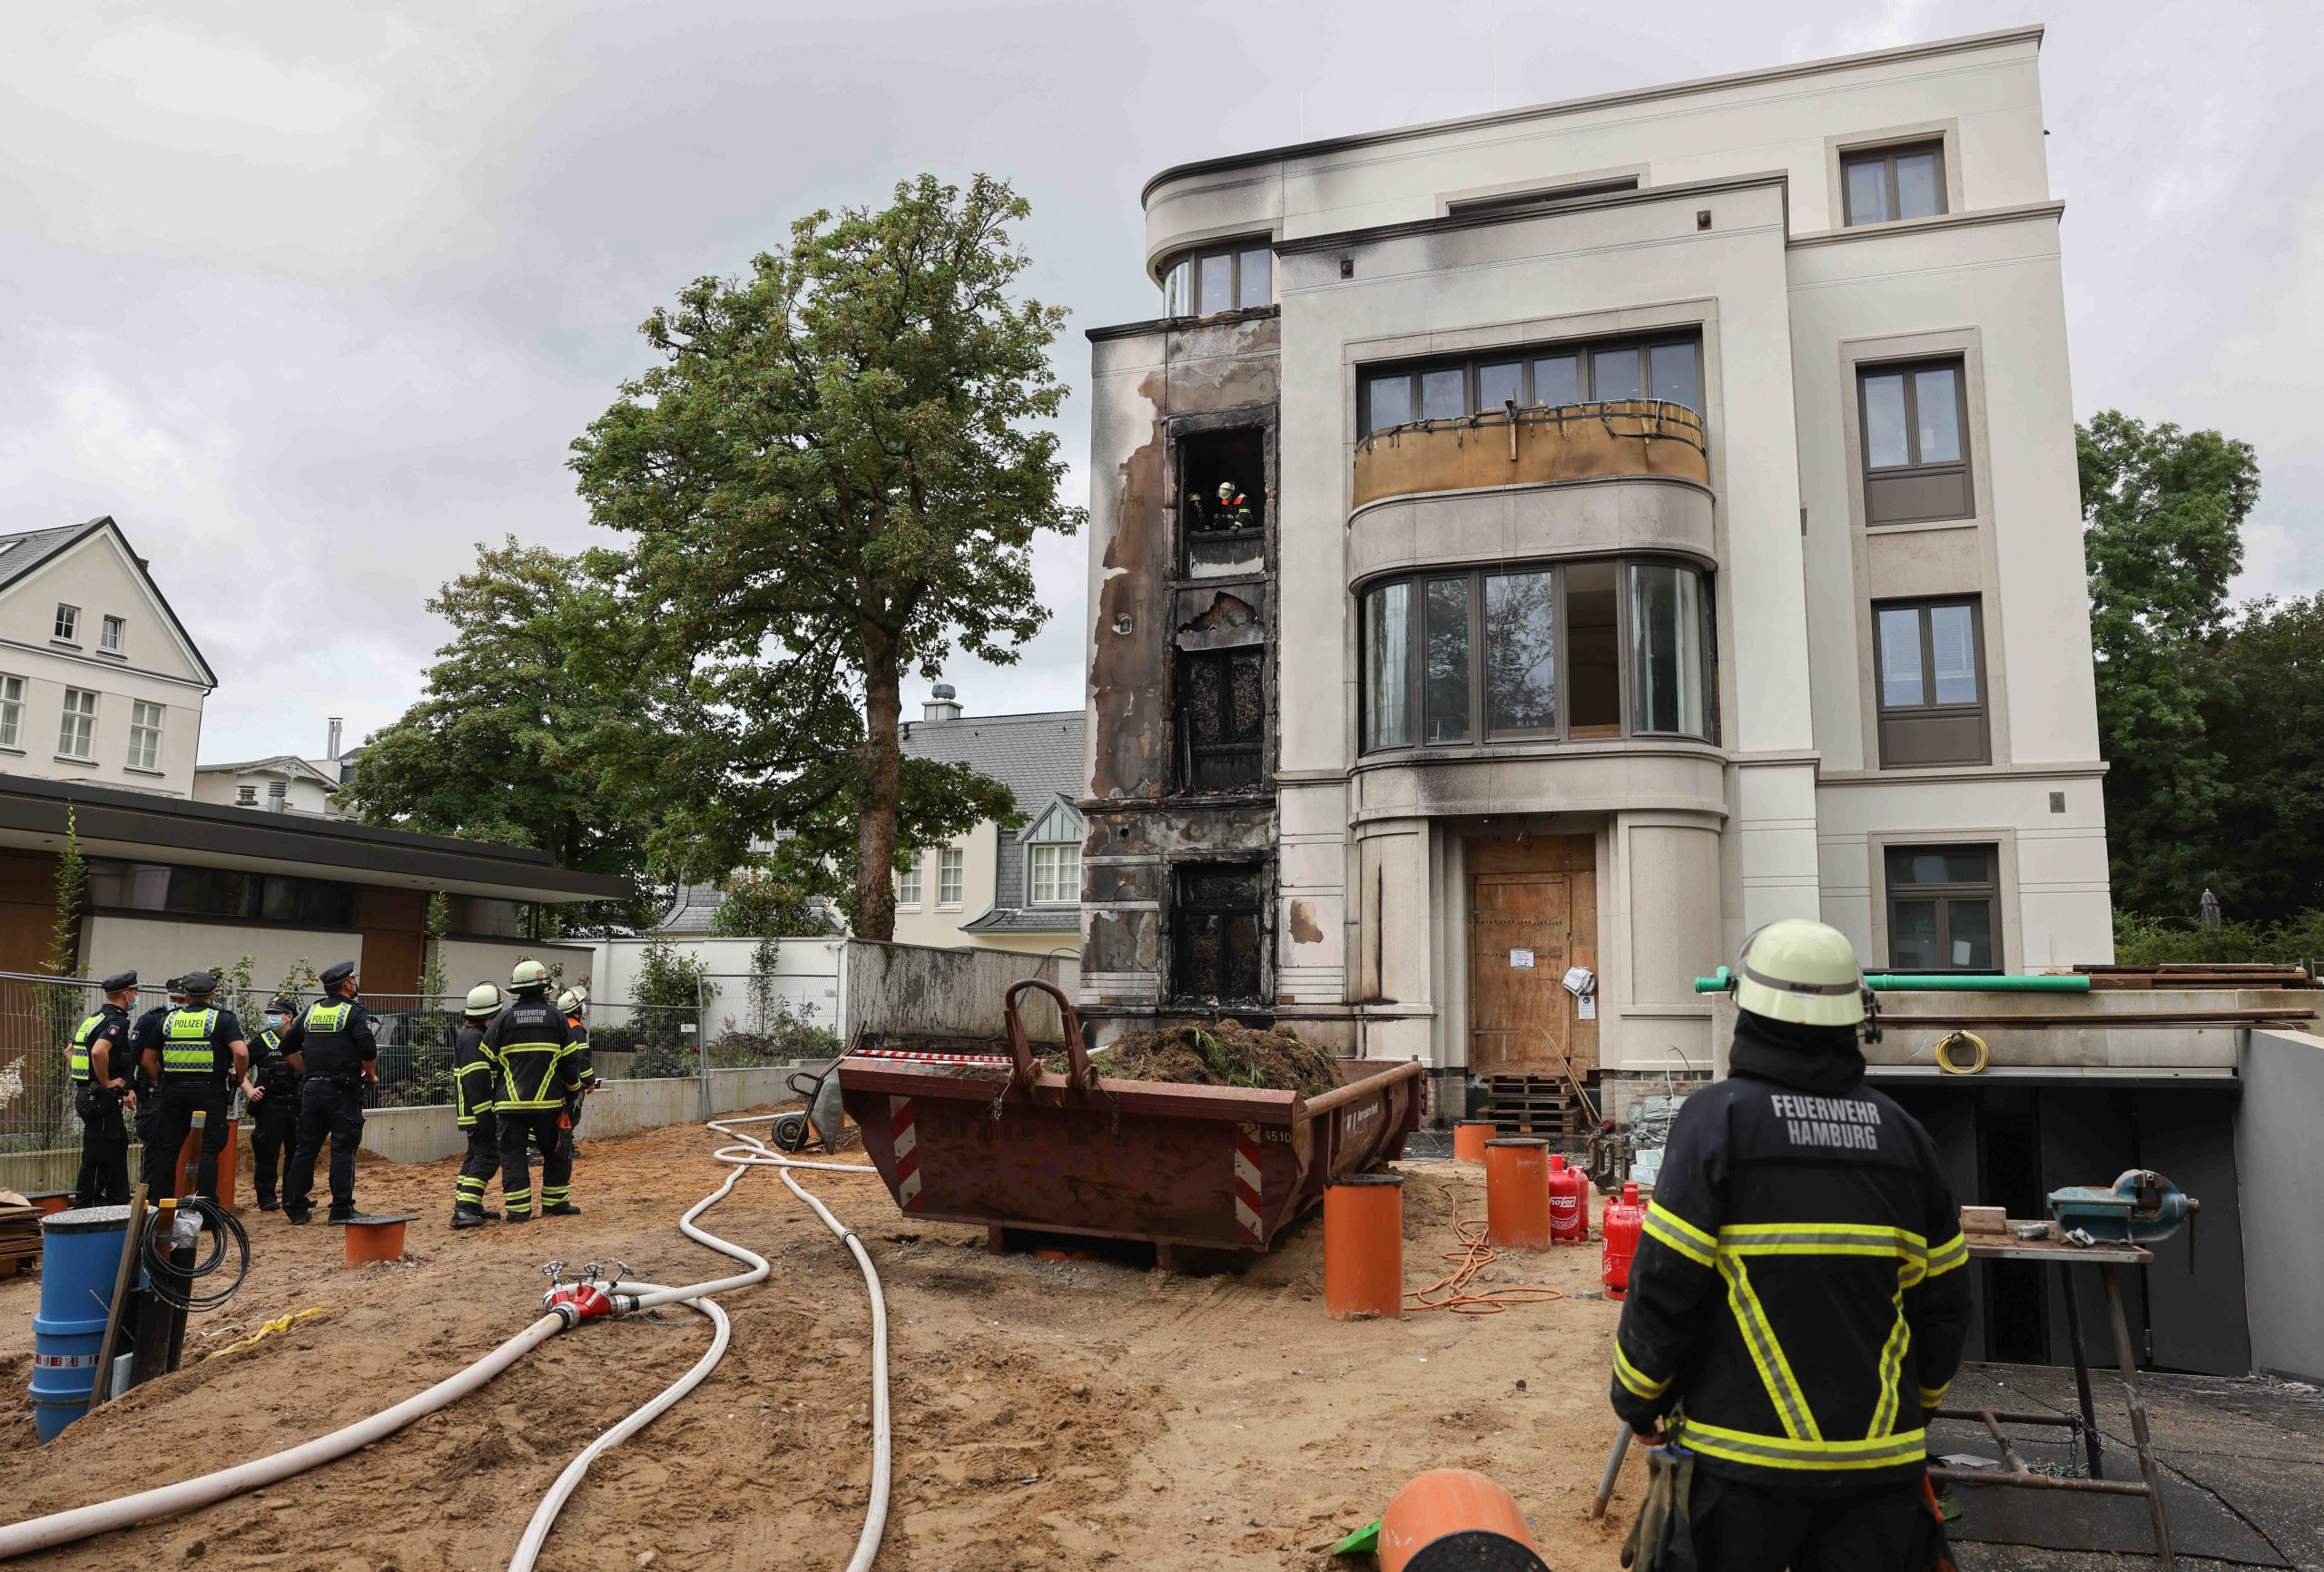 Einsatzkräfte der Feuerwehr bei einem Haus in Rotherbaum, das am Dienstag brannte.